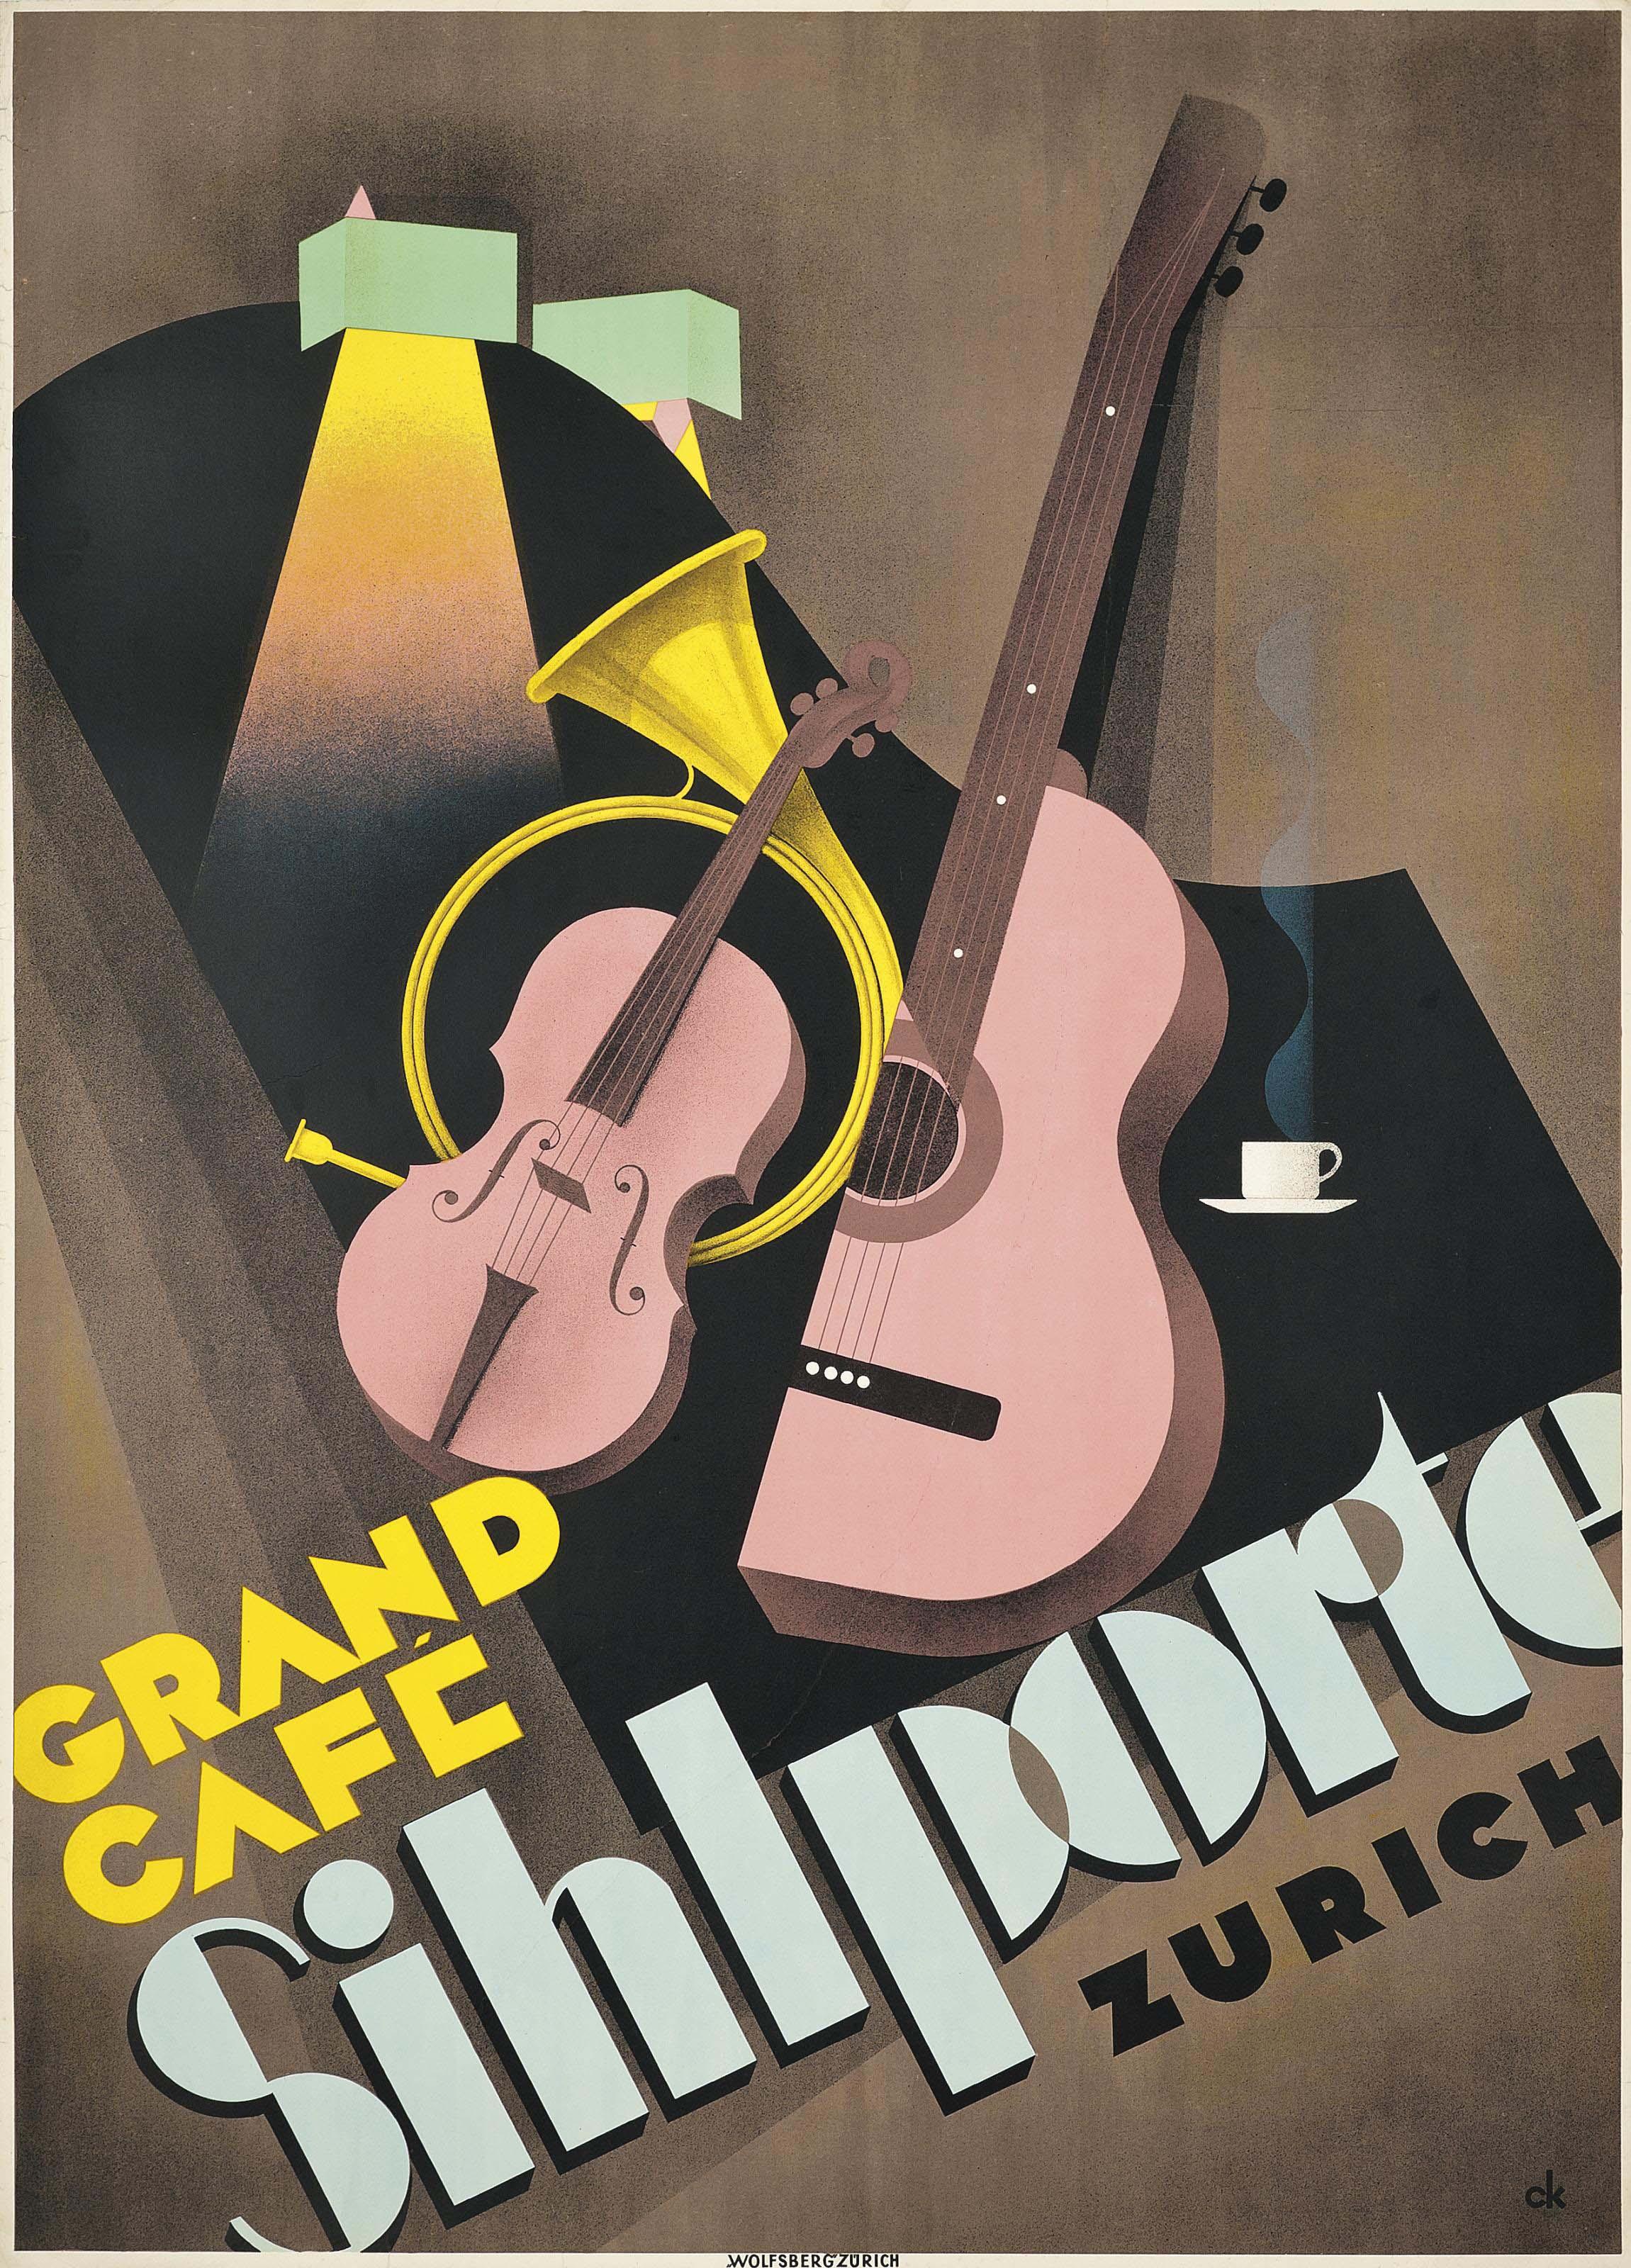 GRAND CAFE SIHLPORTE, ZURICH